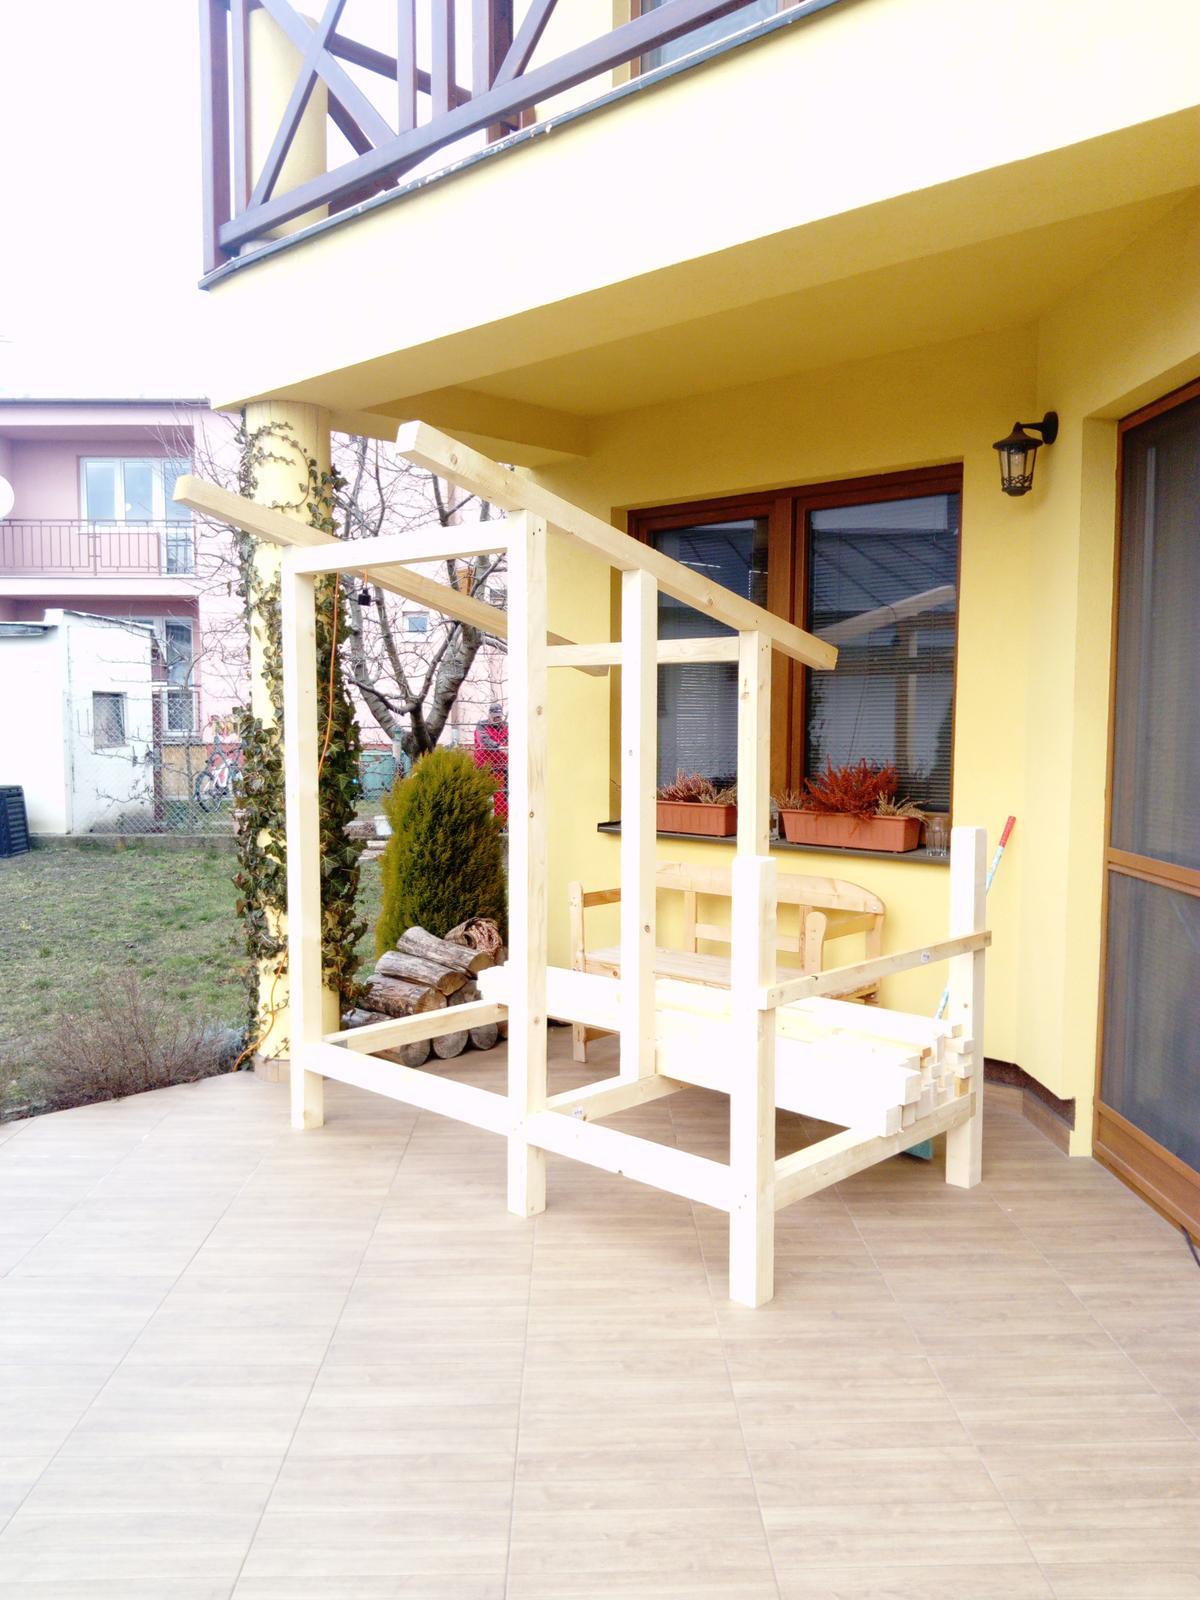 Detský domček (vo výstavbe) - Obrázok č. 16